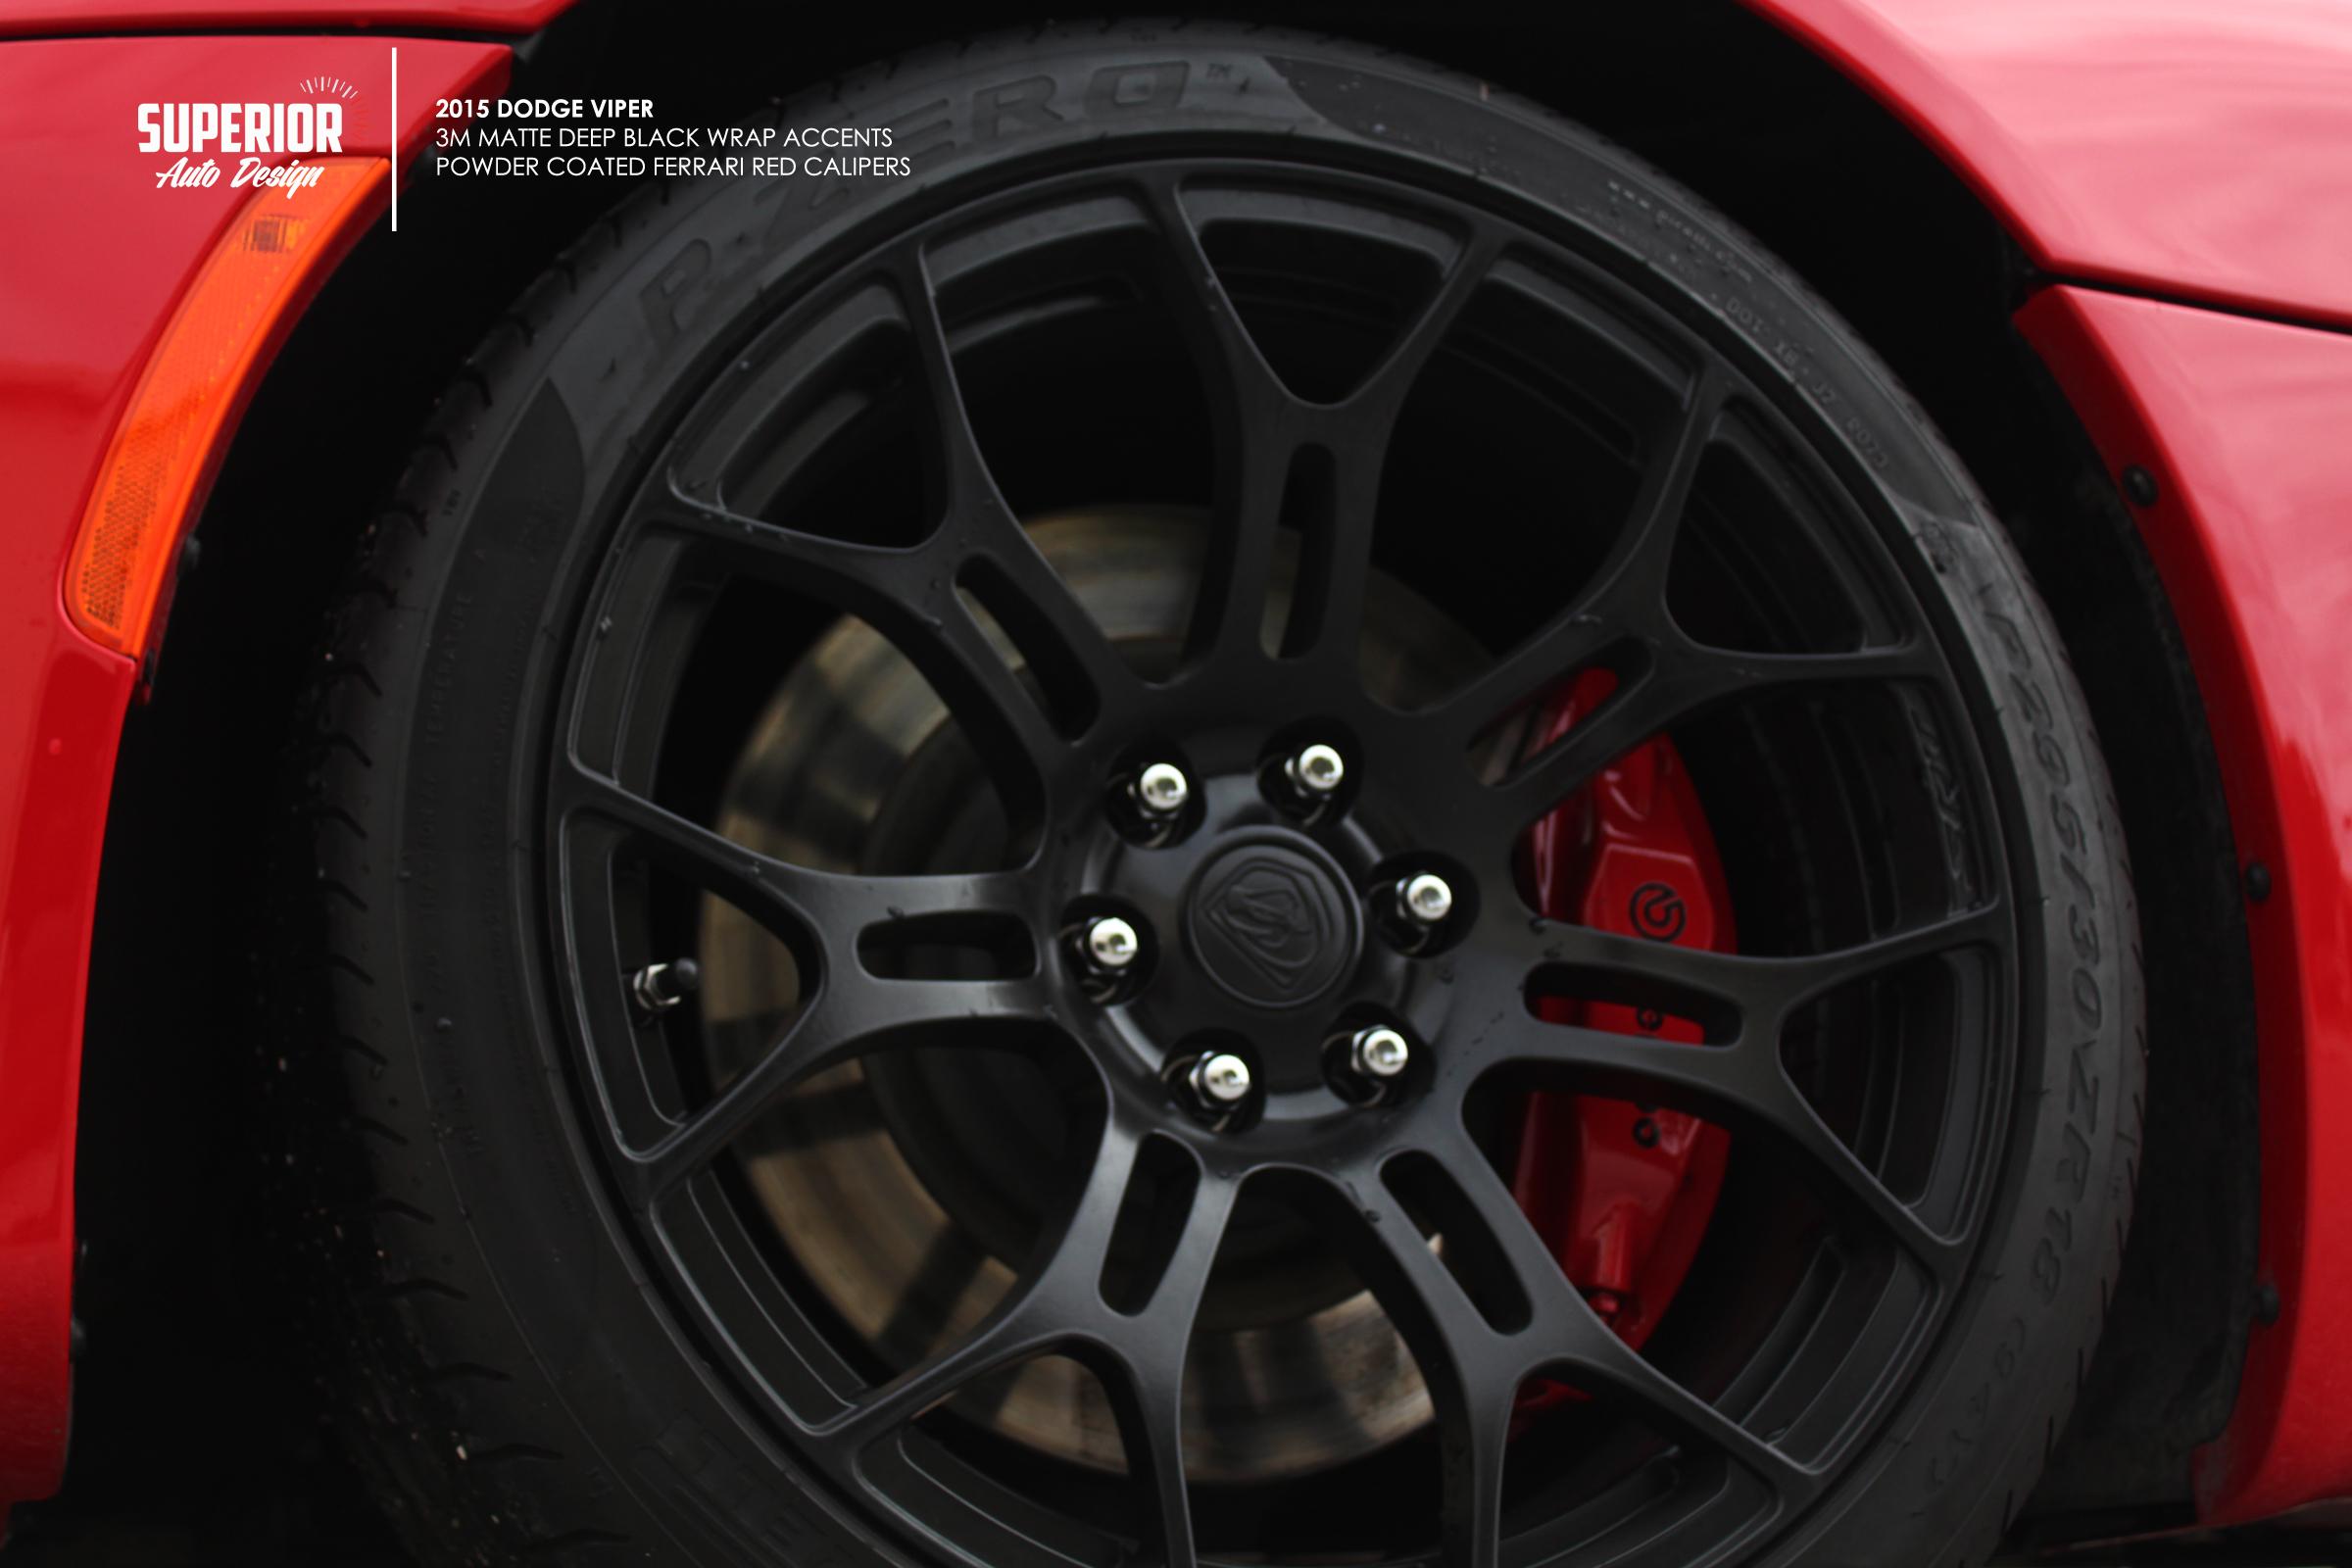 DODGE VIPER SUPERIOR AUTO DESIGN 7